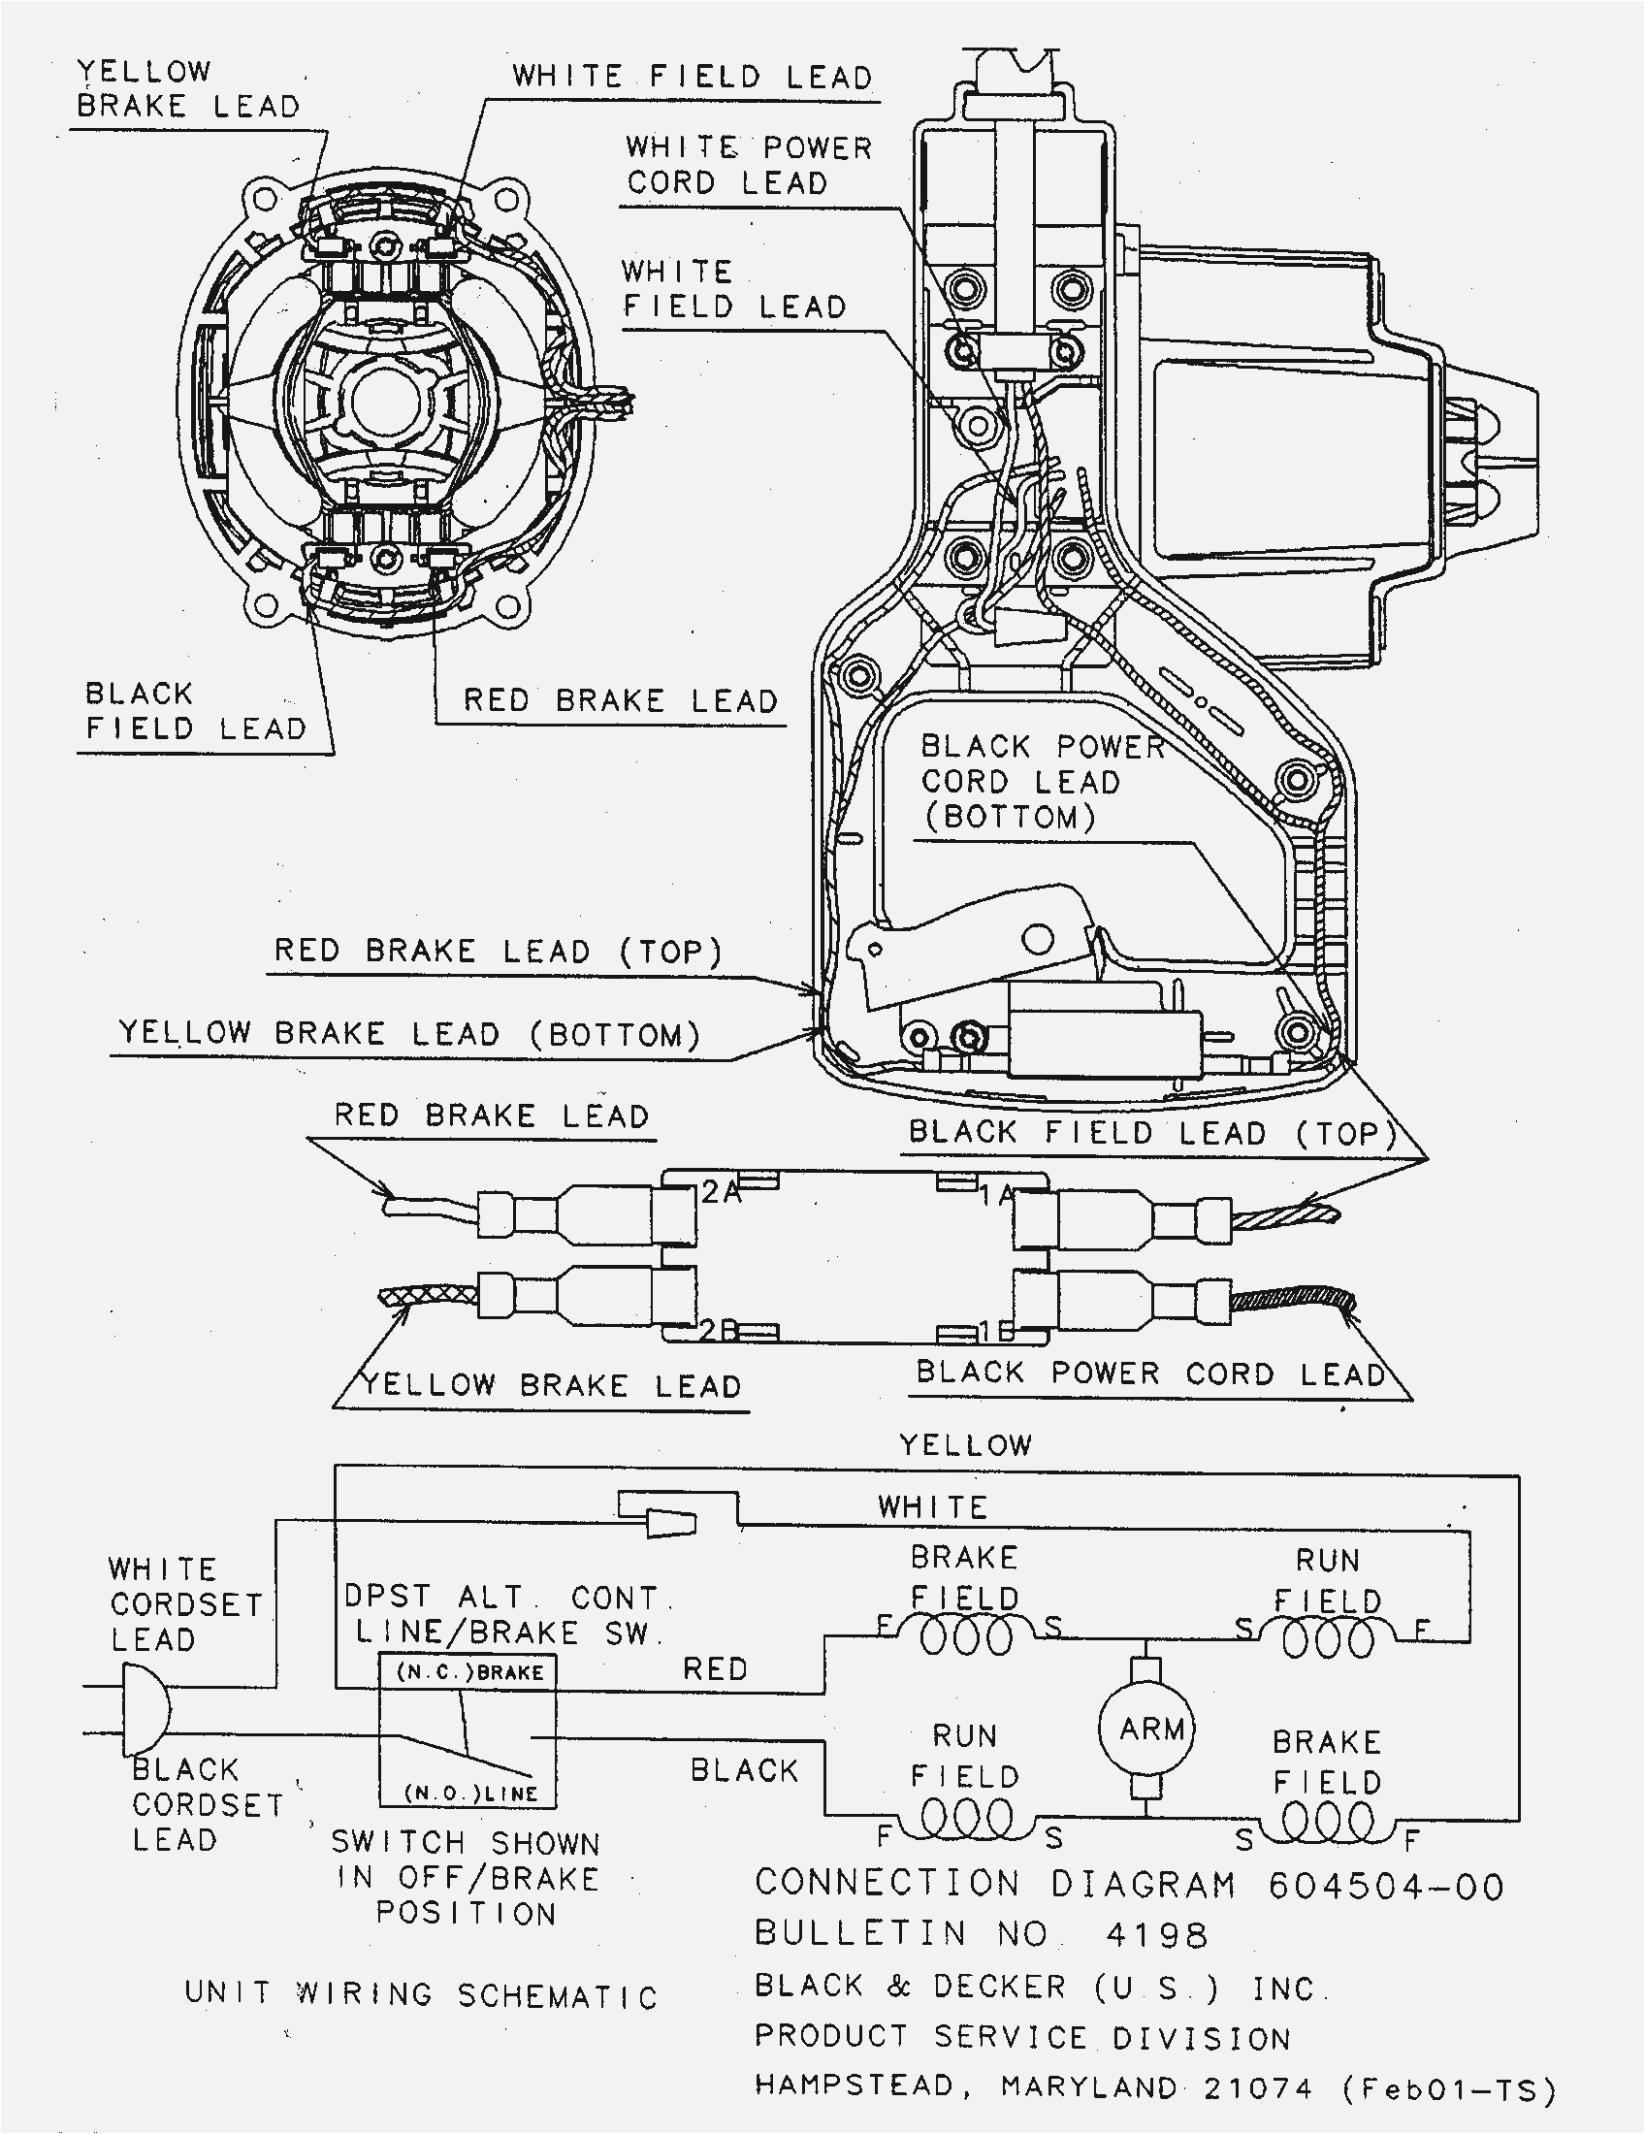 dw705 wiring diagram wiring diagram wiring diagram dewalt charger dewalt dw705 wiring diagram wiring diagram expert